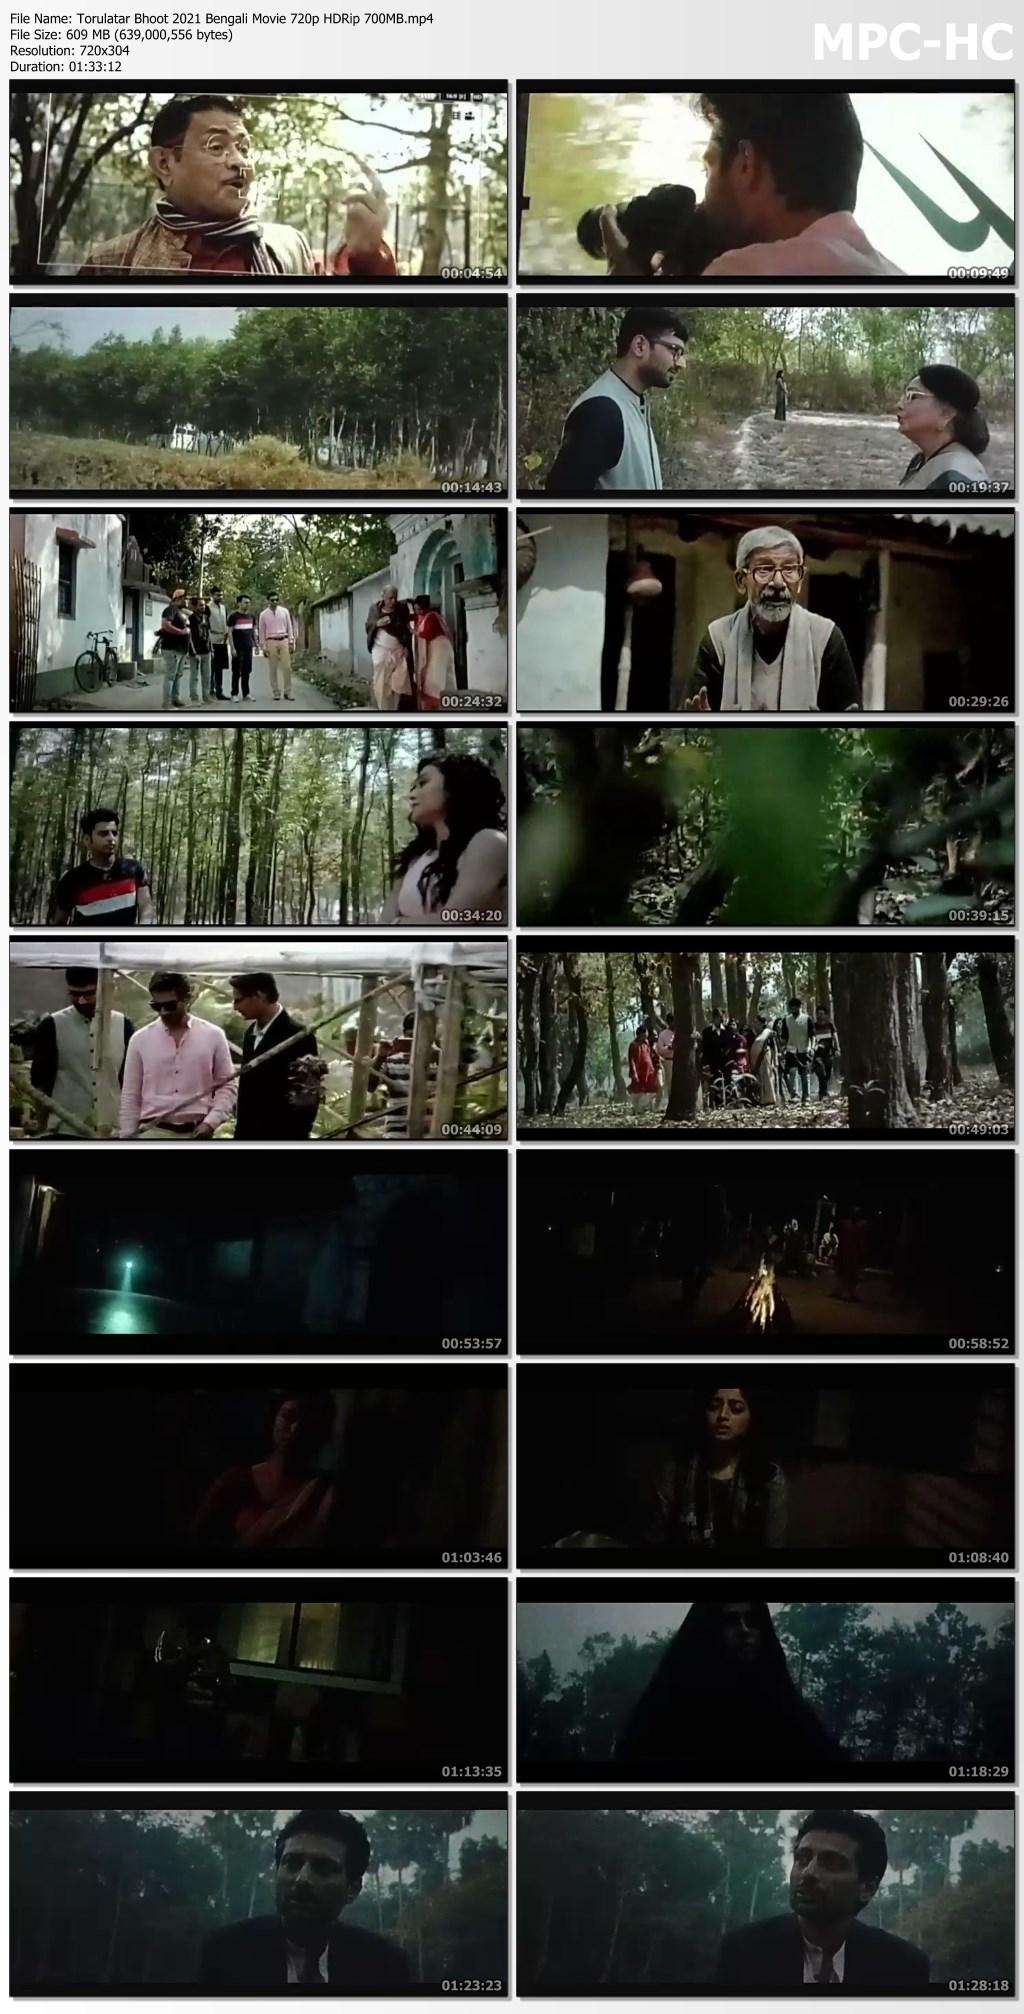 Torulatar Bhoot (11)